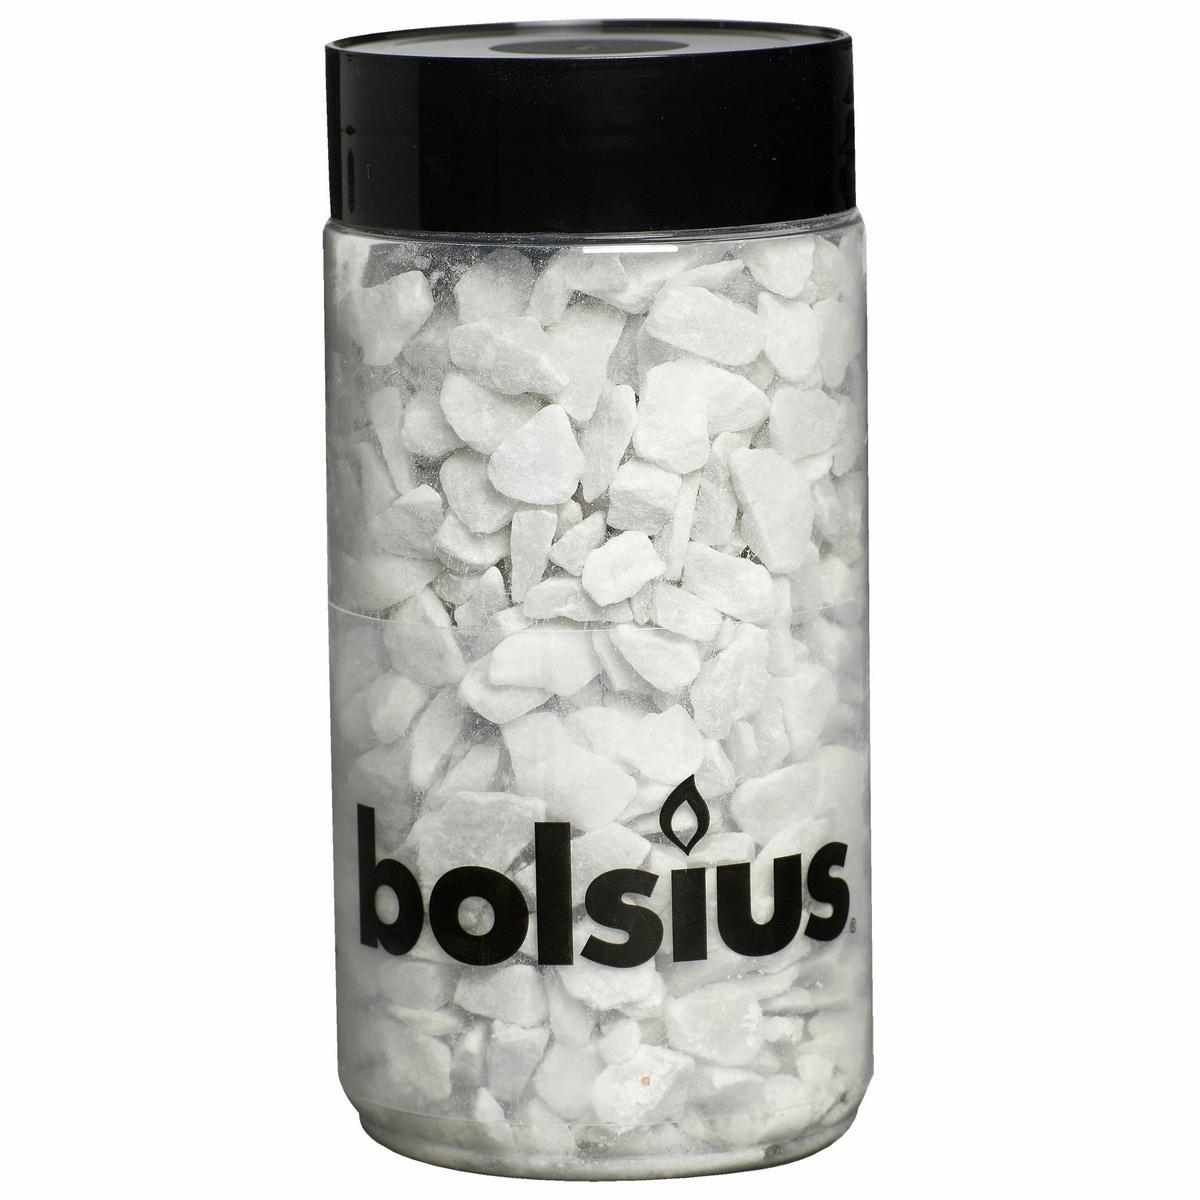 Bolsius Dekorační kamínky 13 mm bílá, 550 g